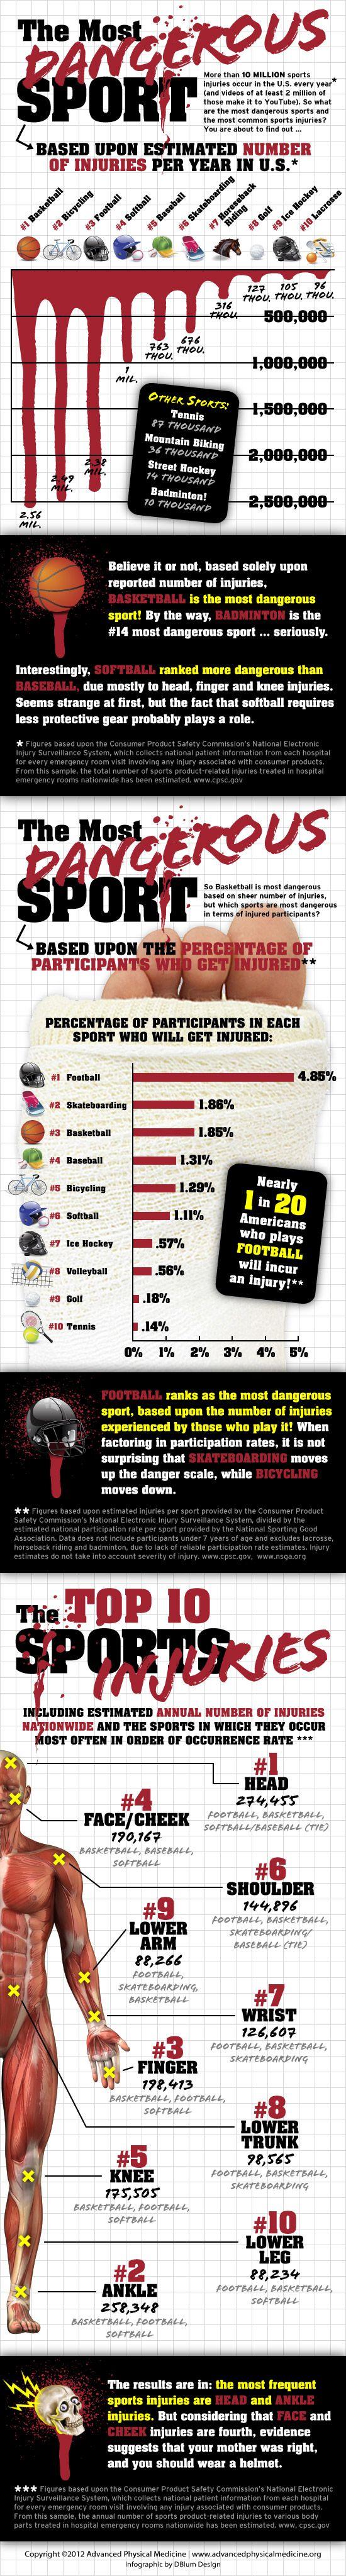 Most Dangerous SportsGavynn Hesterly